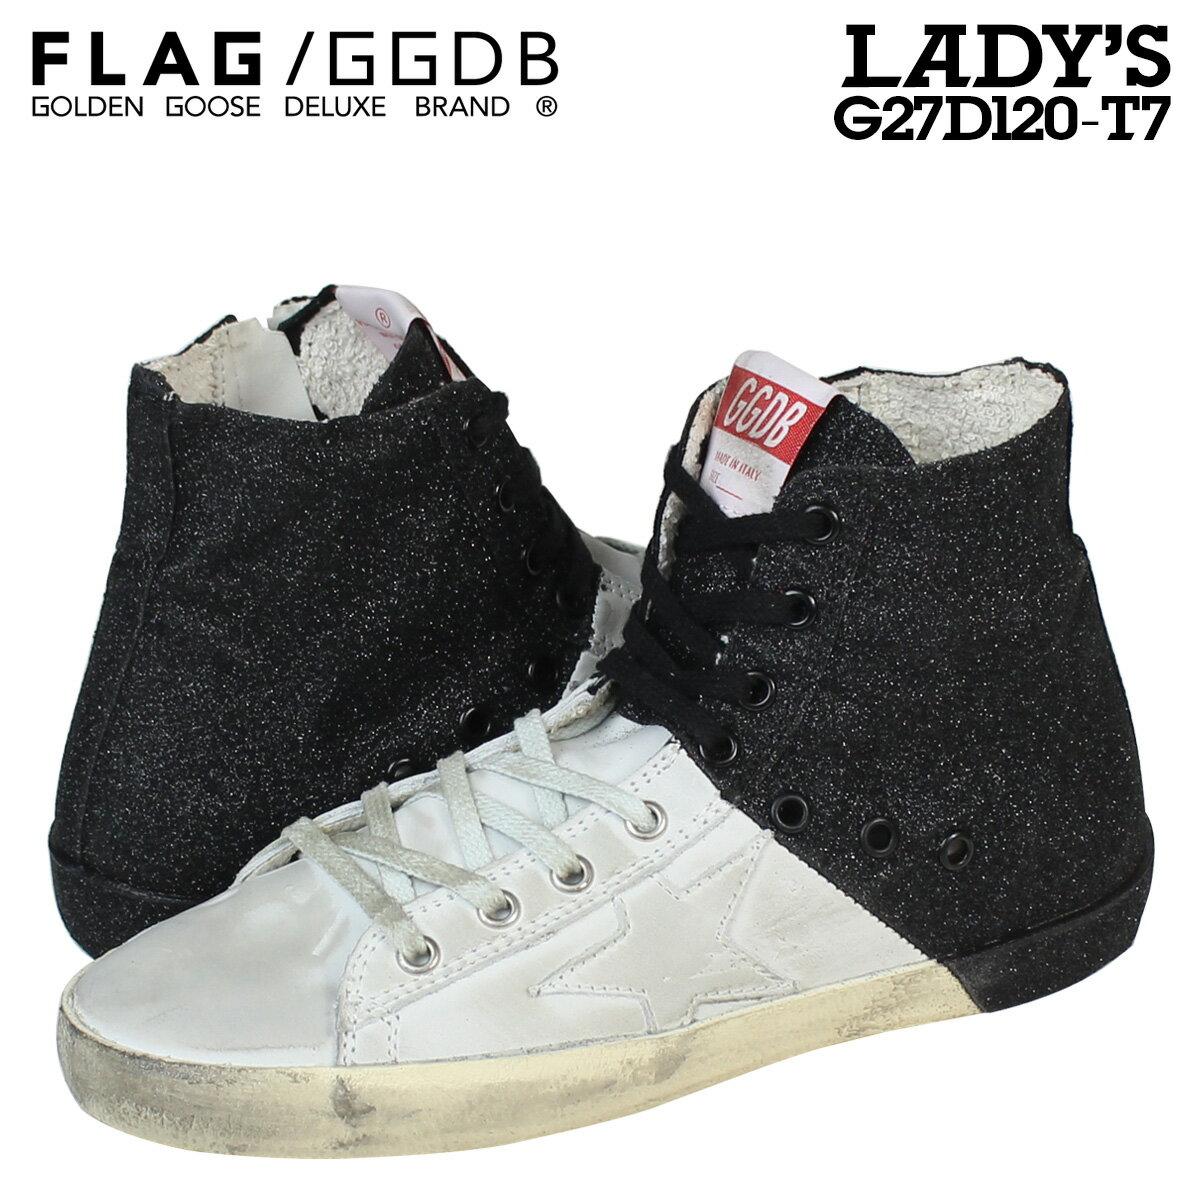 Golden Goose ゴールデングース スニーカー レディース FRANCY イタリア製 G27D120 T7 靴 ホワイト ブラック 【CLEARANCE】